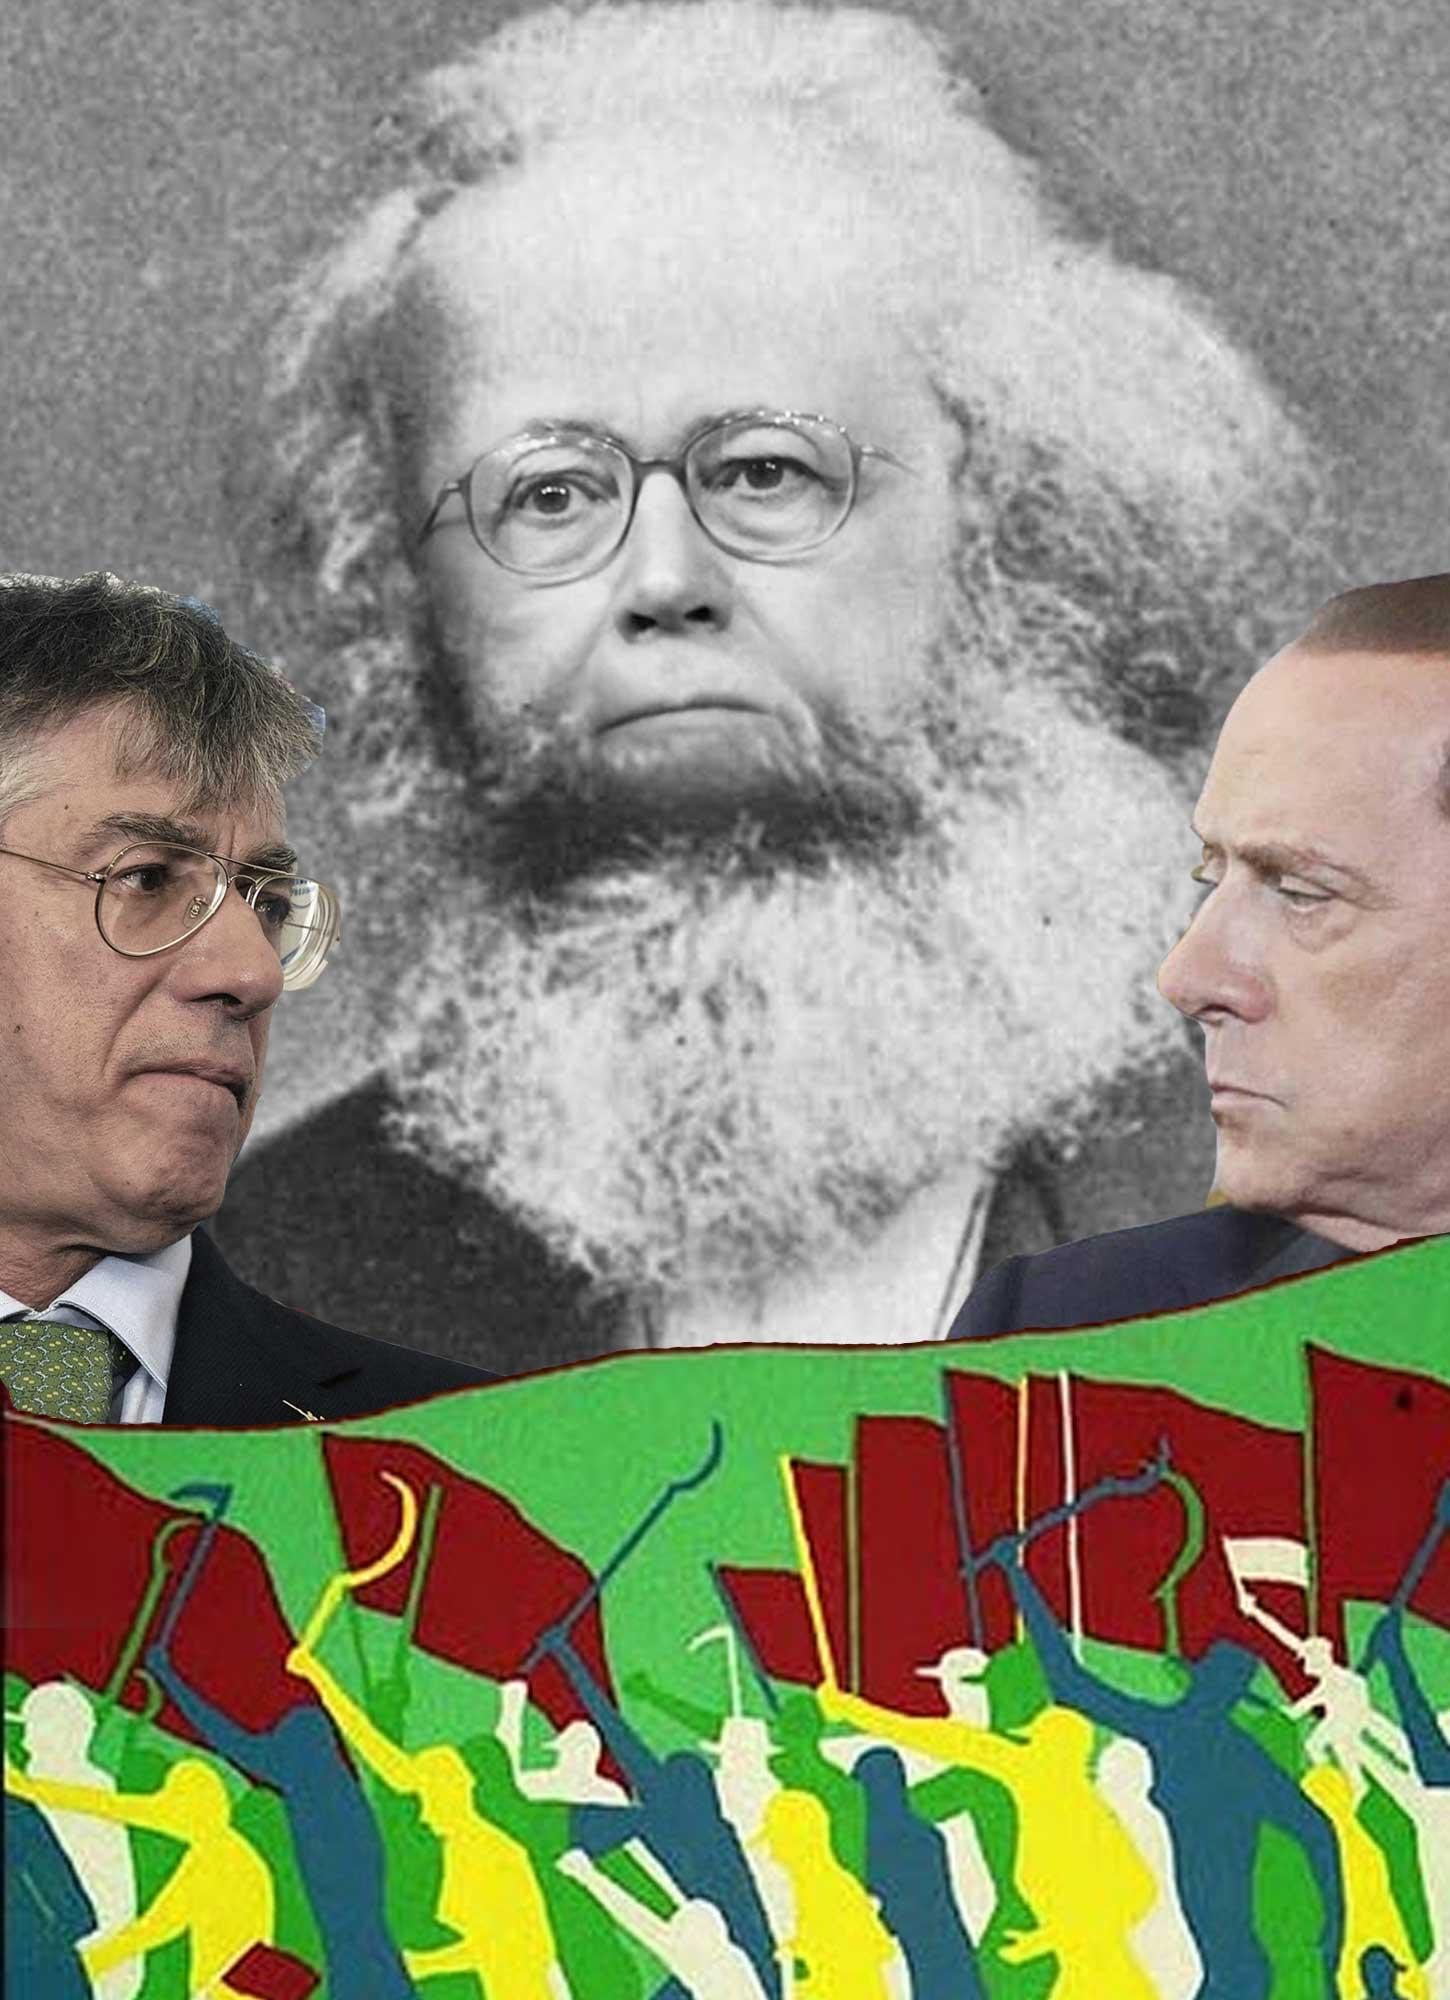 L'Infedele: tasse e lavoro, lo sciopero Cgil